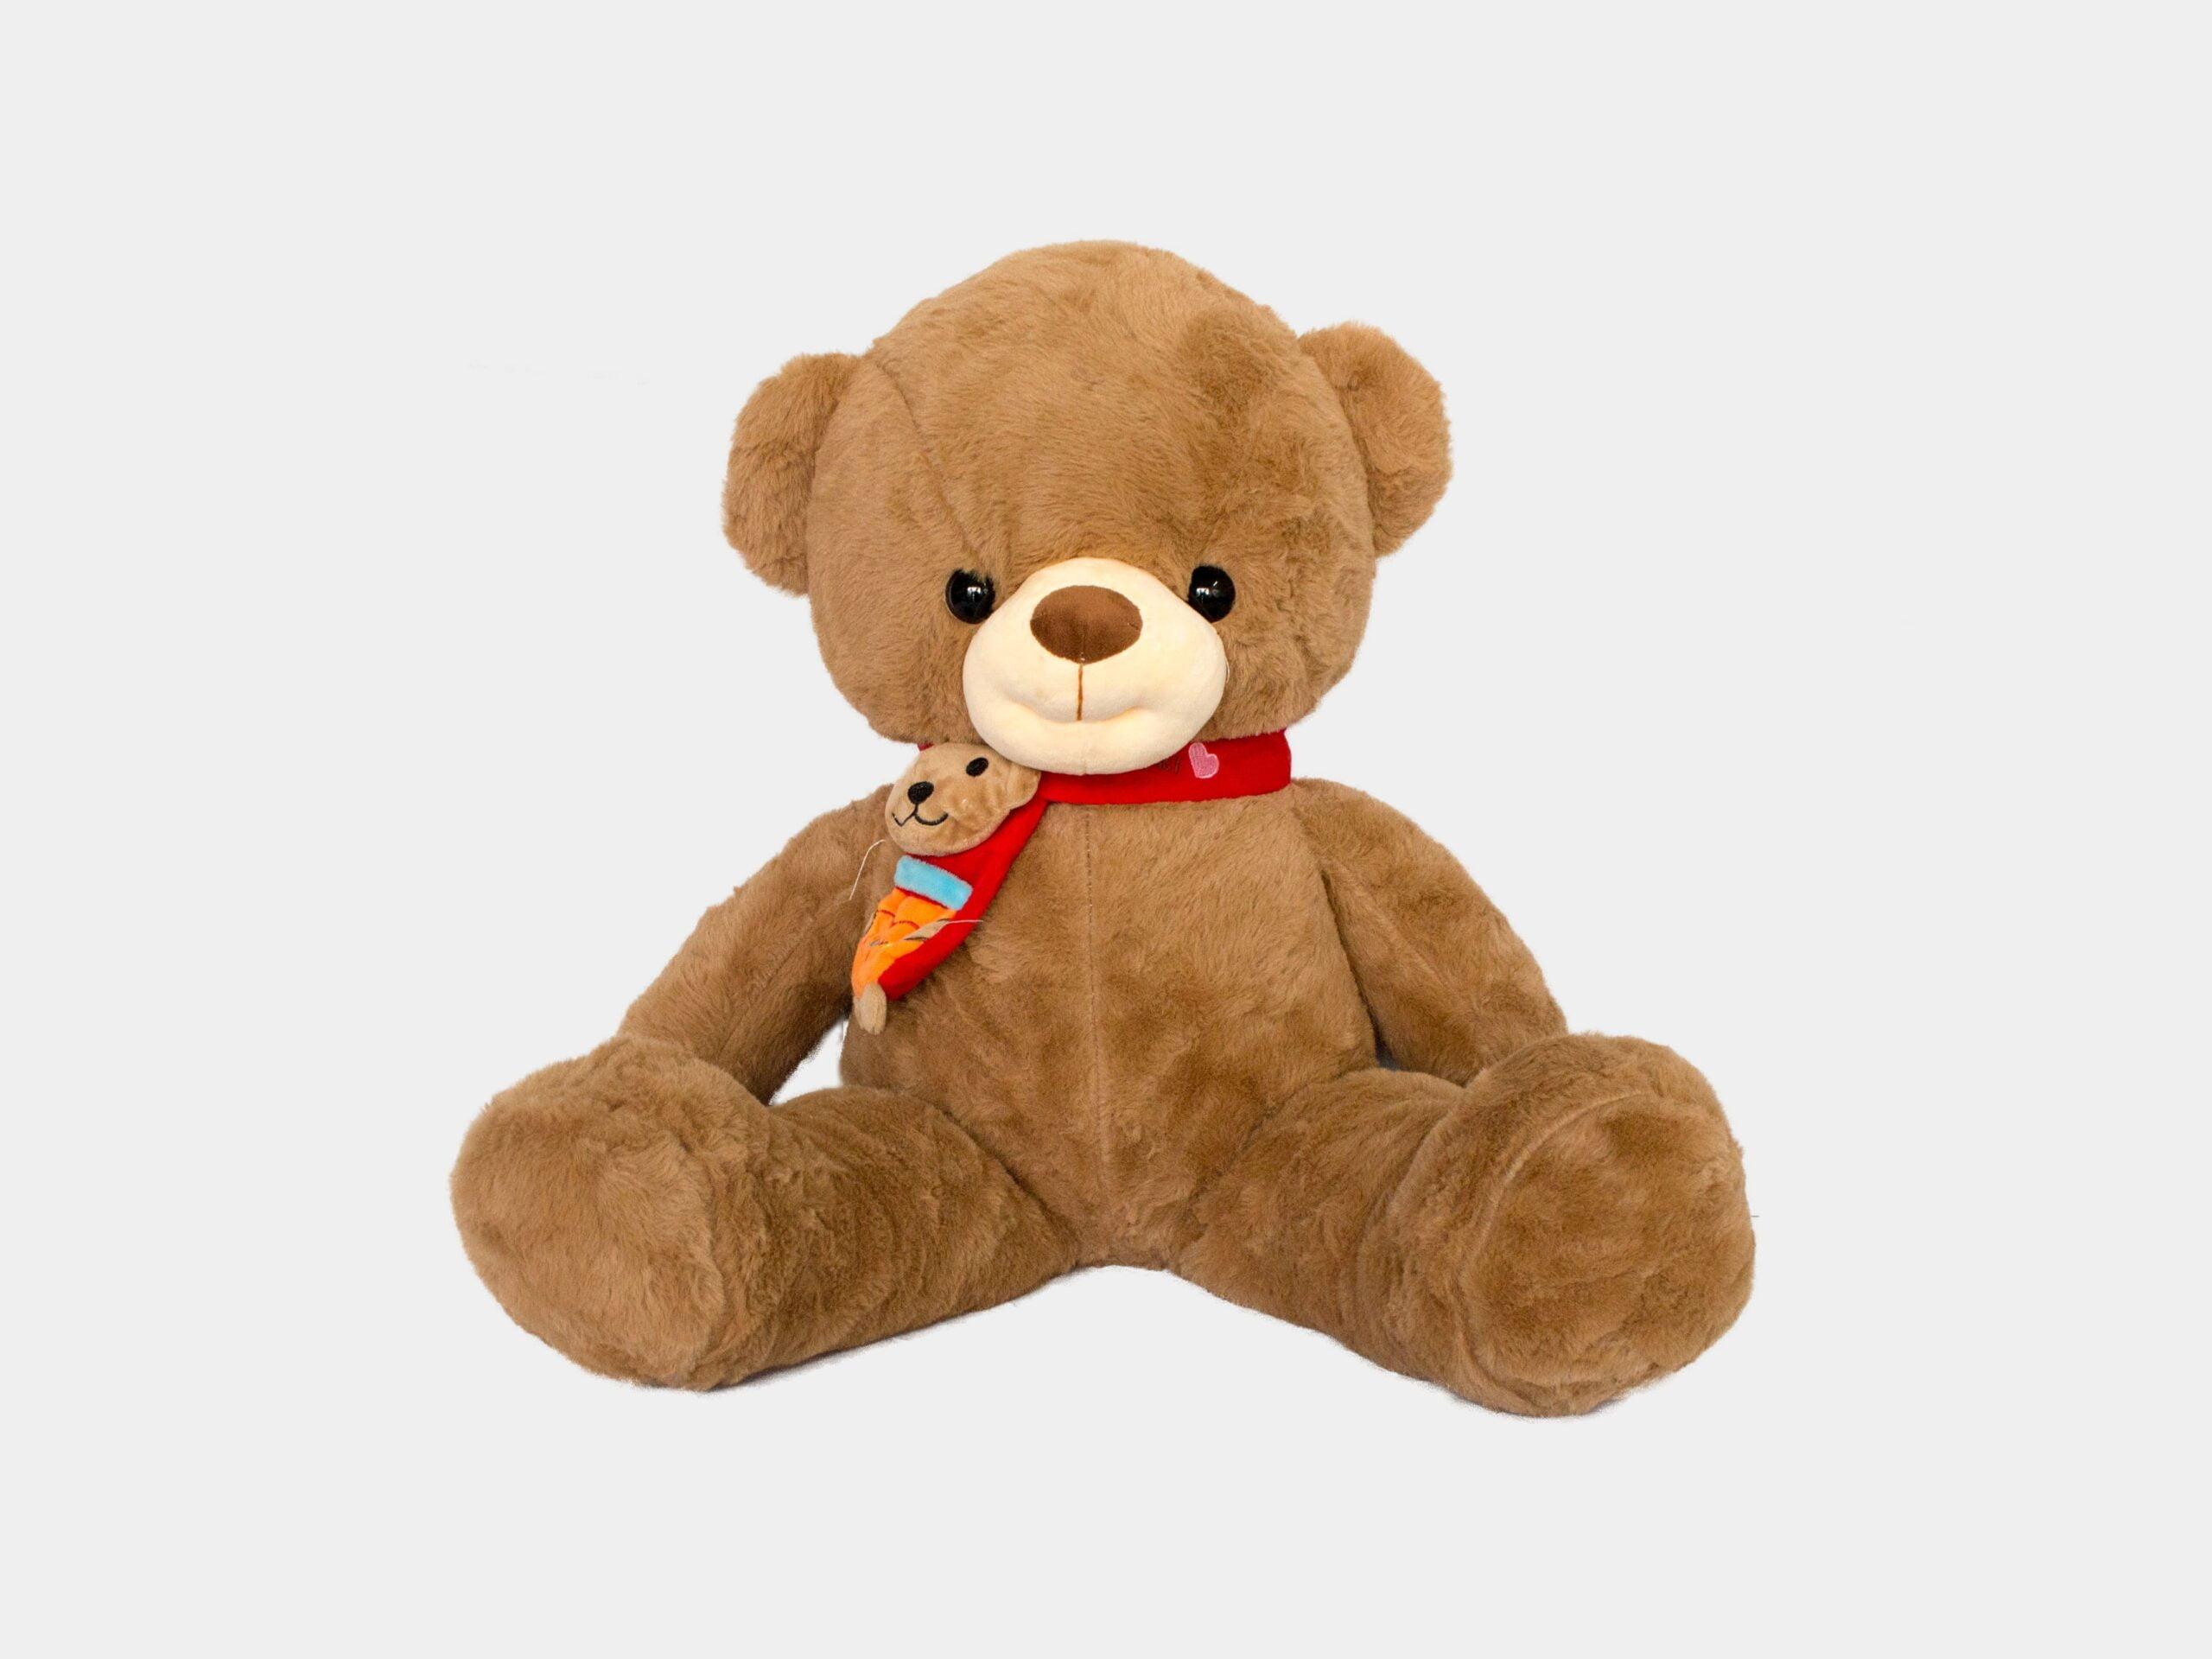 gau teddy quang khan gau 1m 2 scaled 1